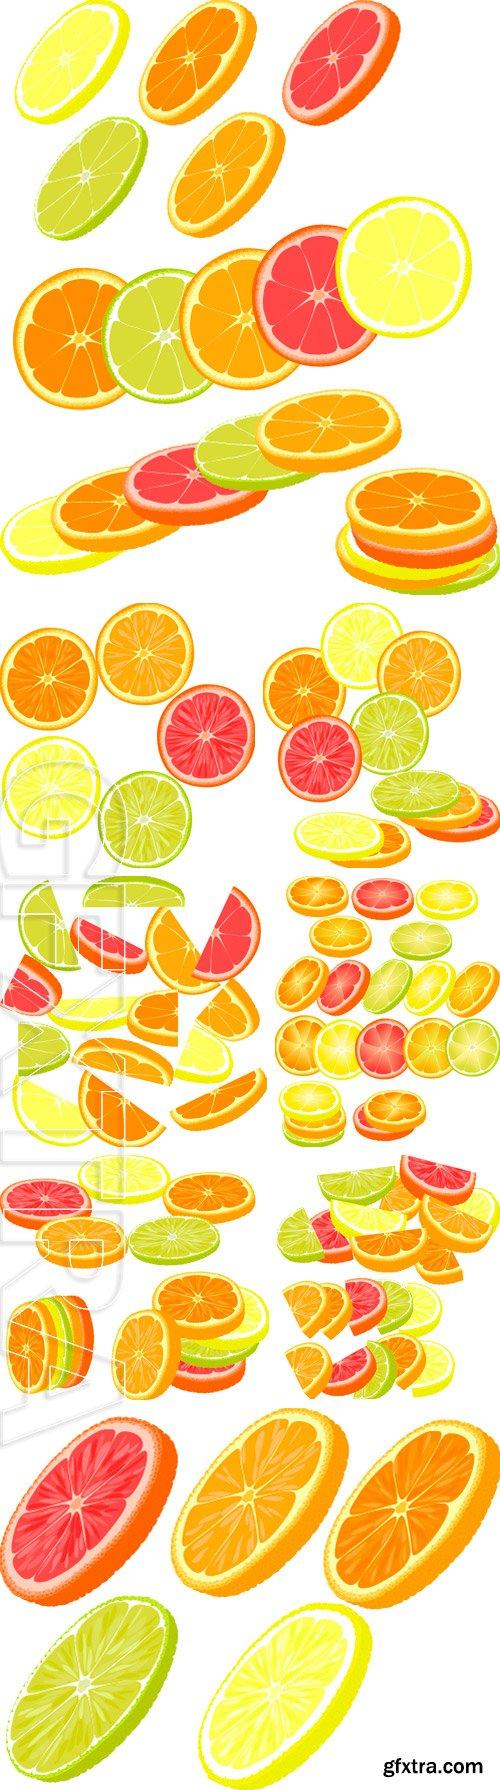 Stock Vectors - Slices of different citrus fruits. Orange, grapefruit, lemon, lime